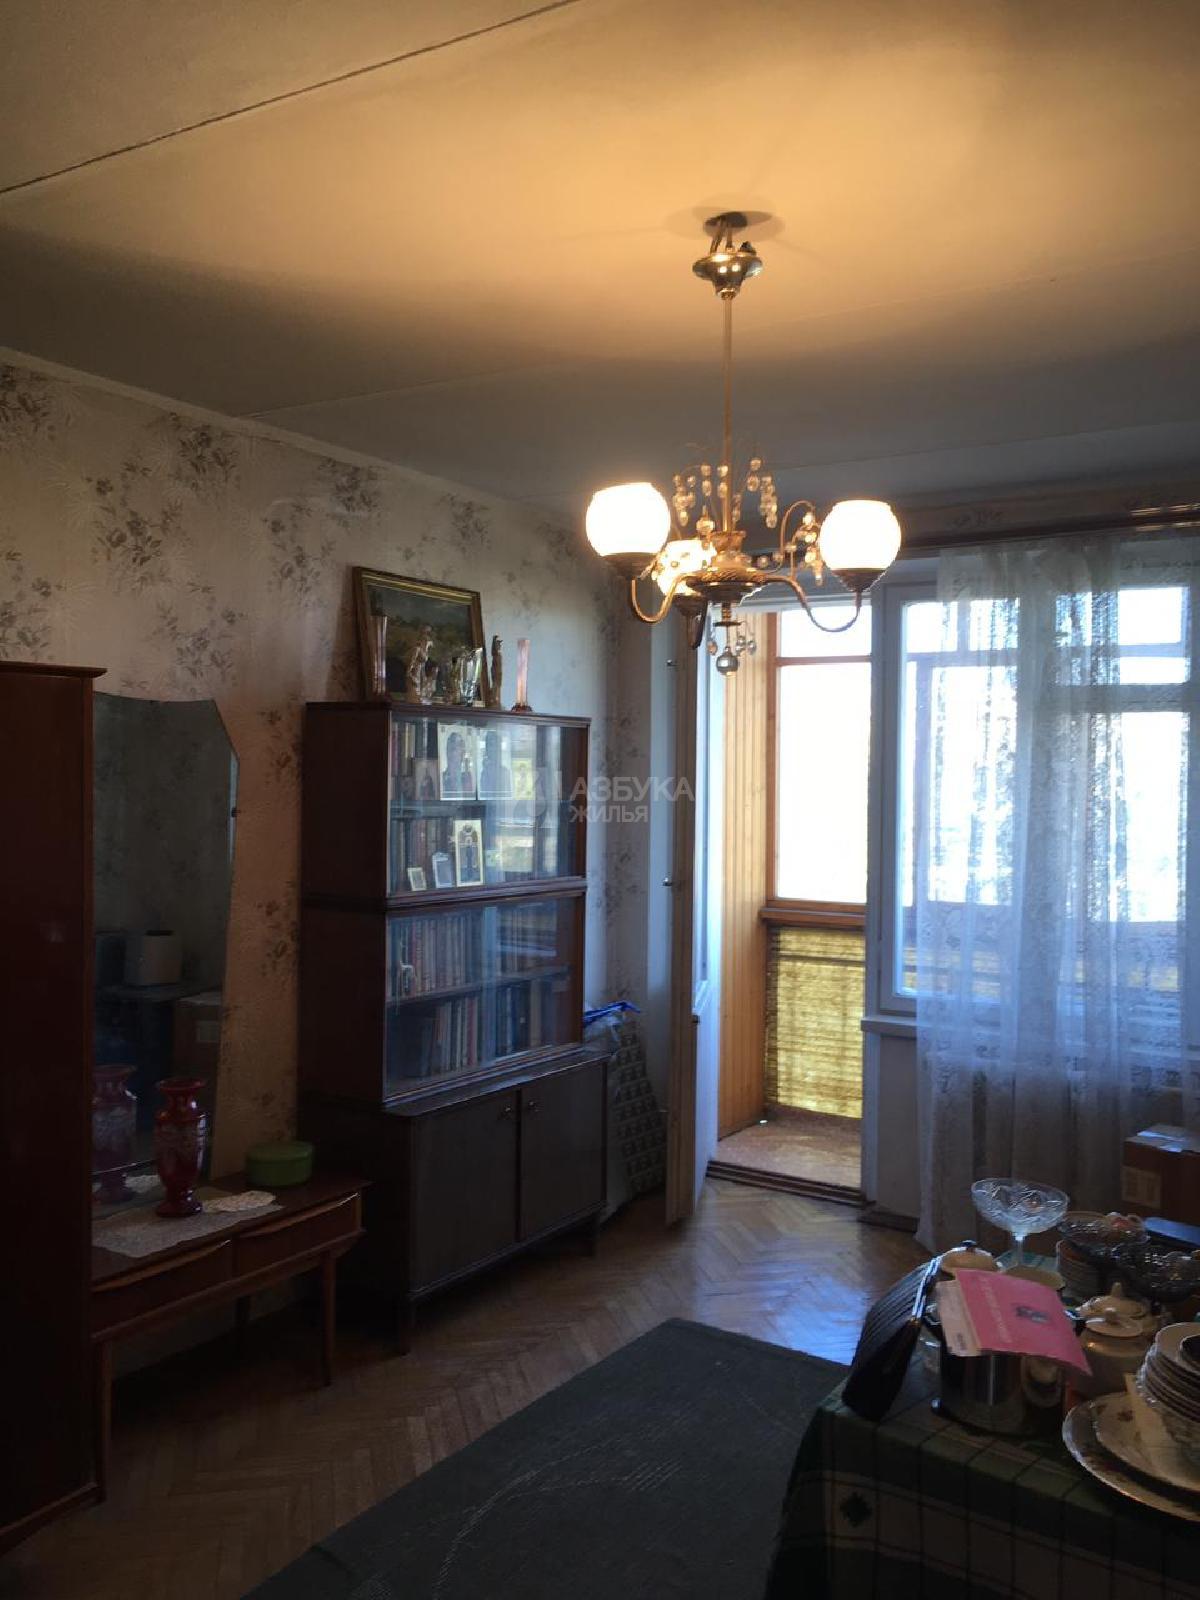 Фото №5 - 1-комнатная квартира, Москва, Шумилова улица 13 корпус 2, метро Кузьминки